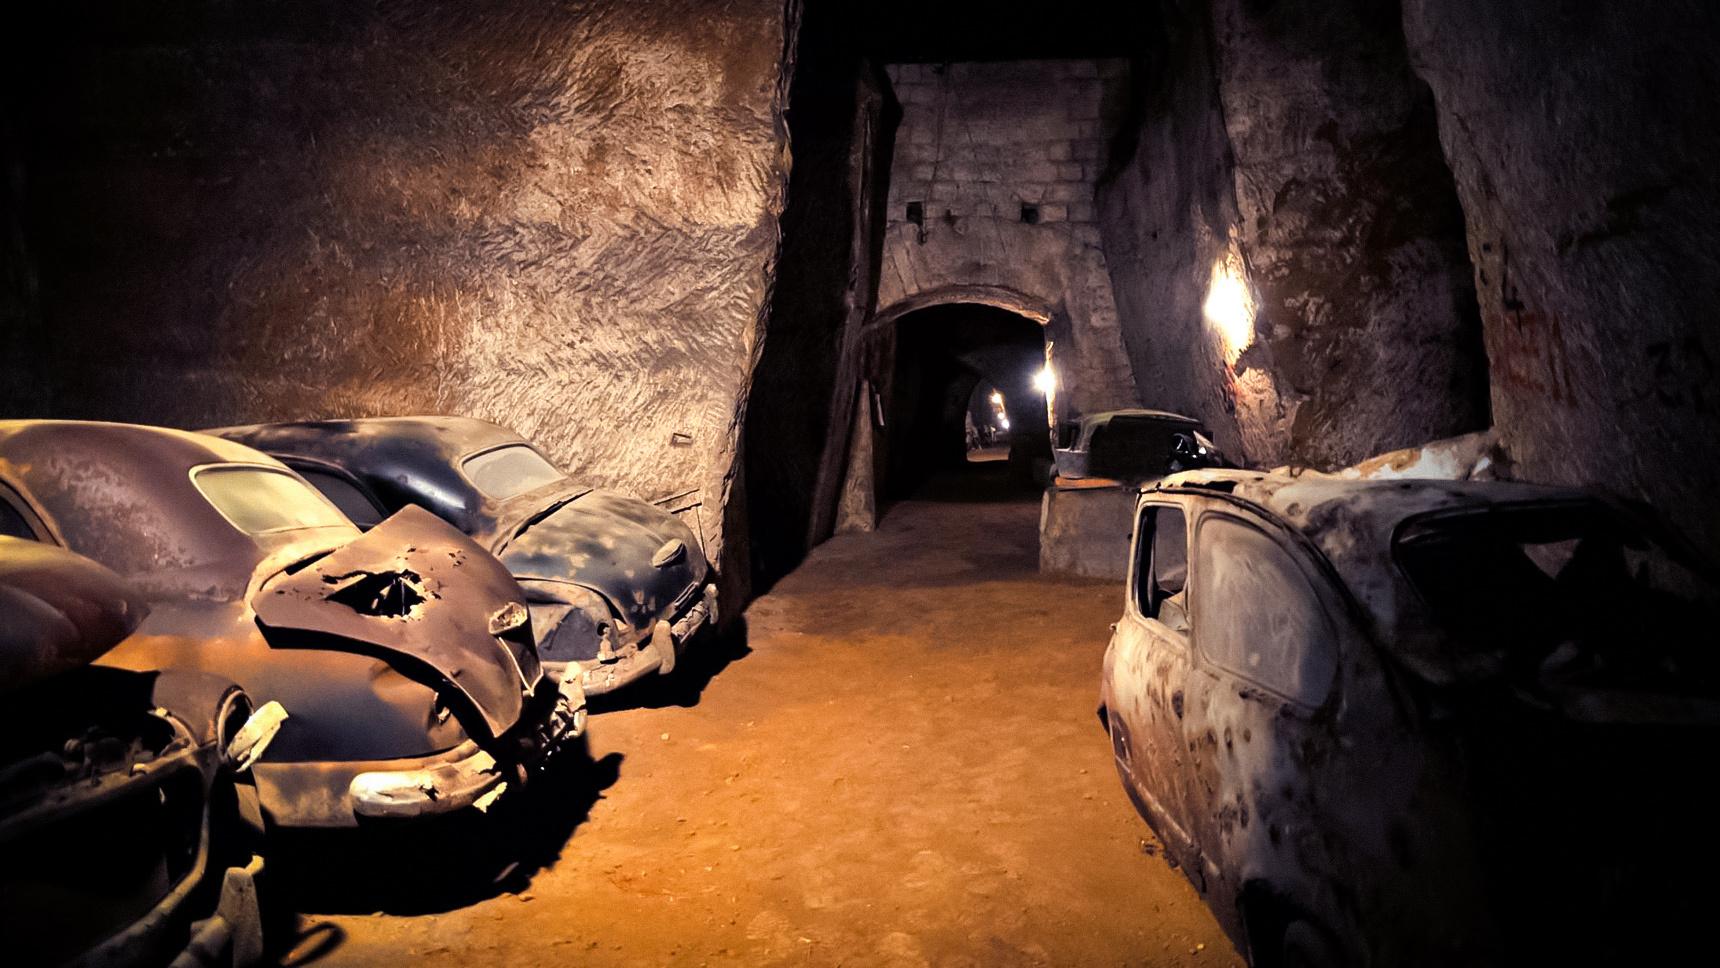 Десятки автомобилей на 80 лет забыли в туннеле времен Второй мировой 1